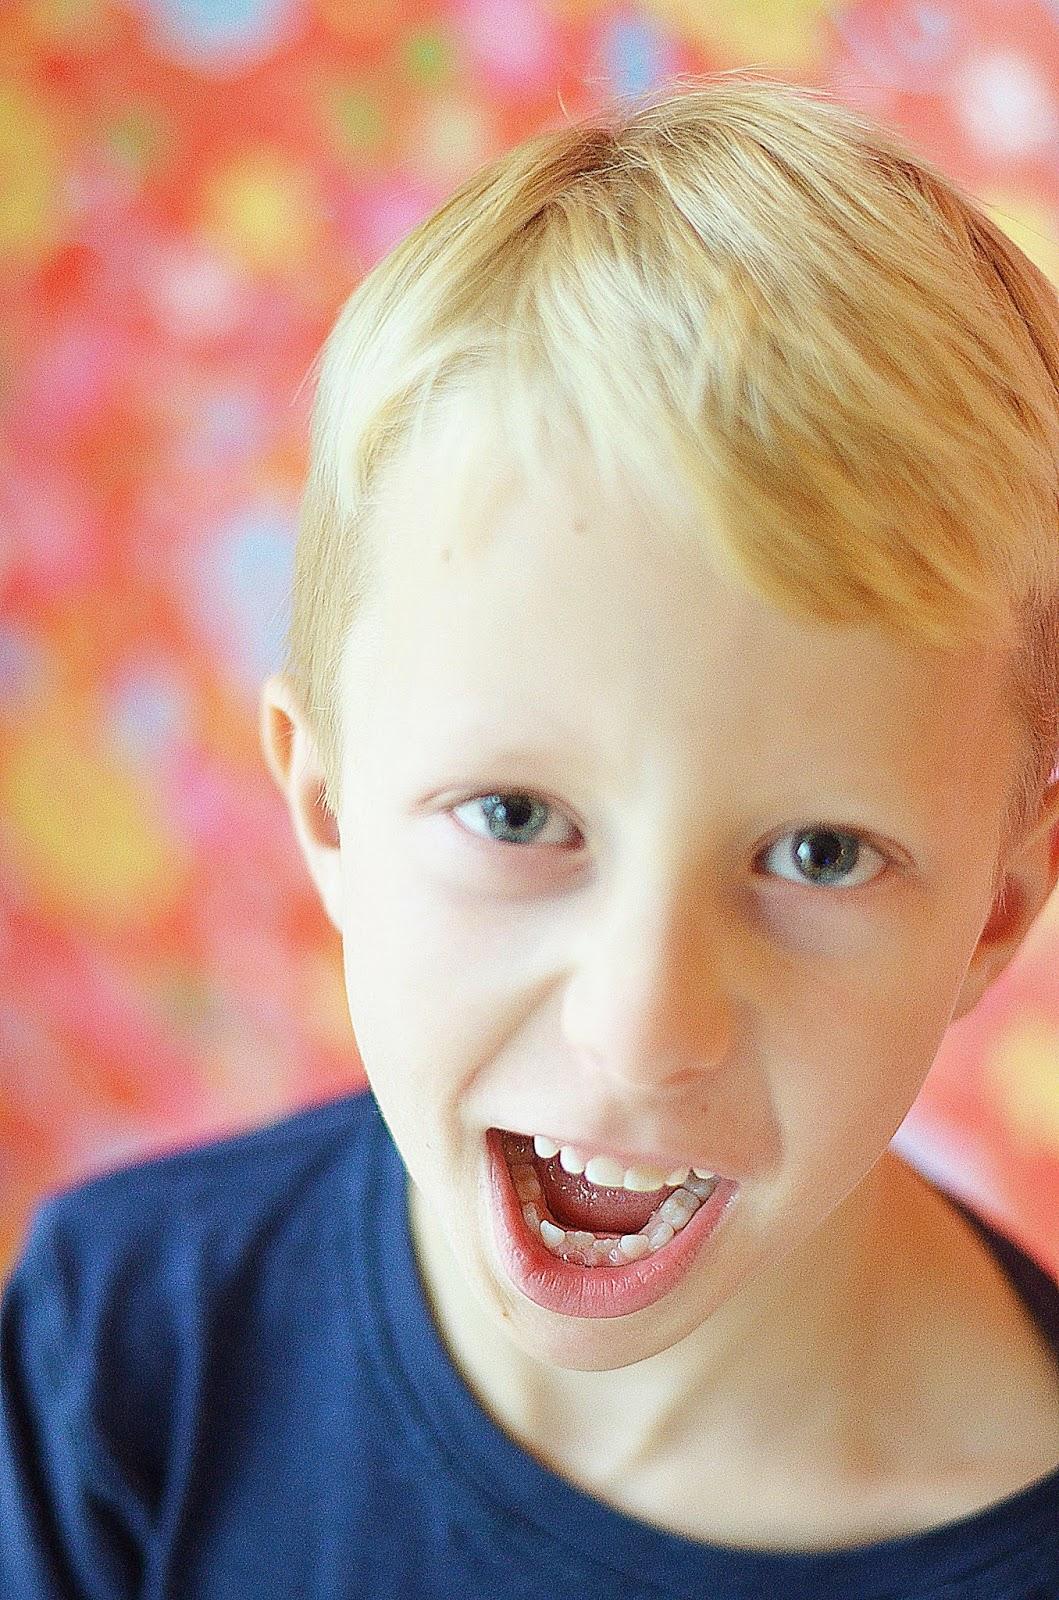 fotograf, barnfotograf, foto, närbild, barn, bakgrund, vinyl, vaxduk,